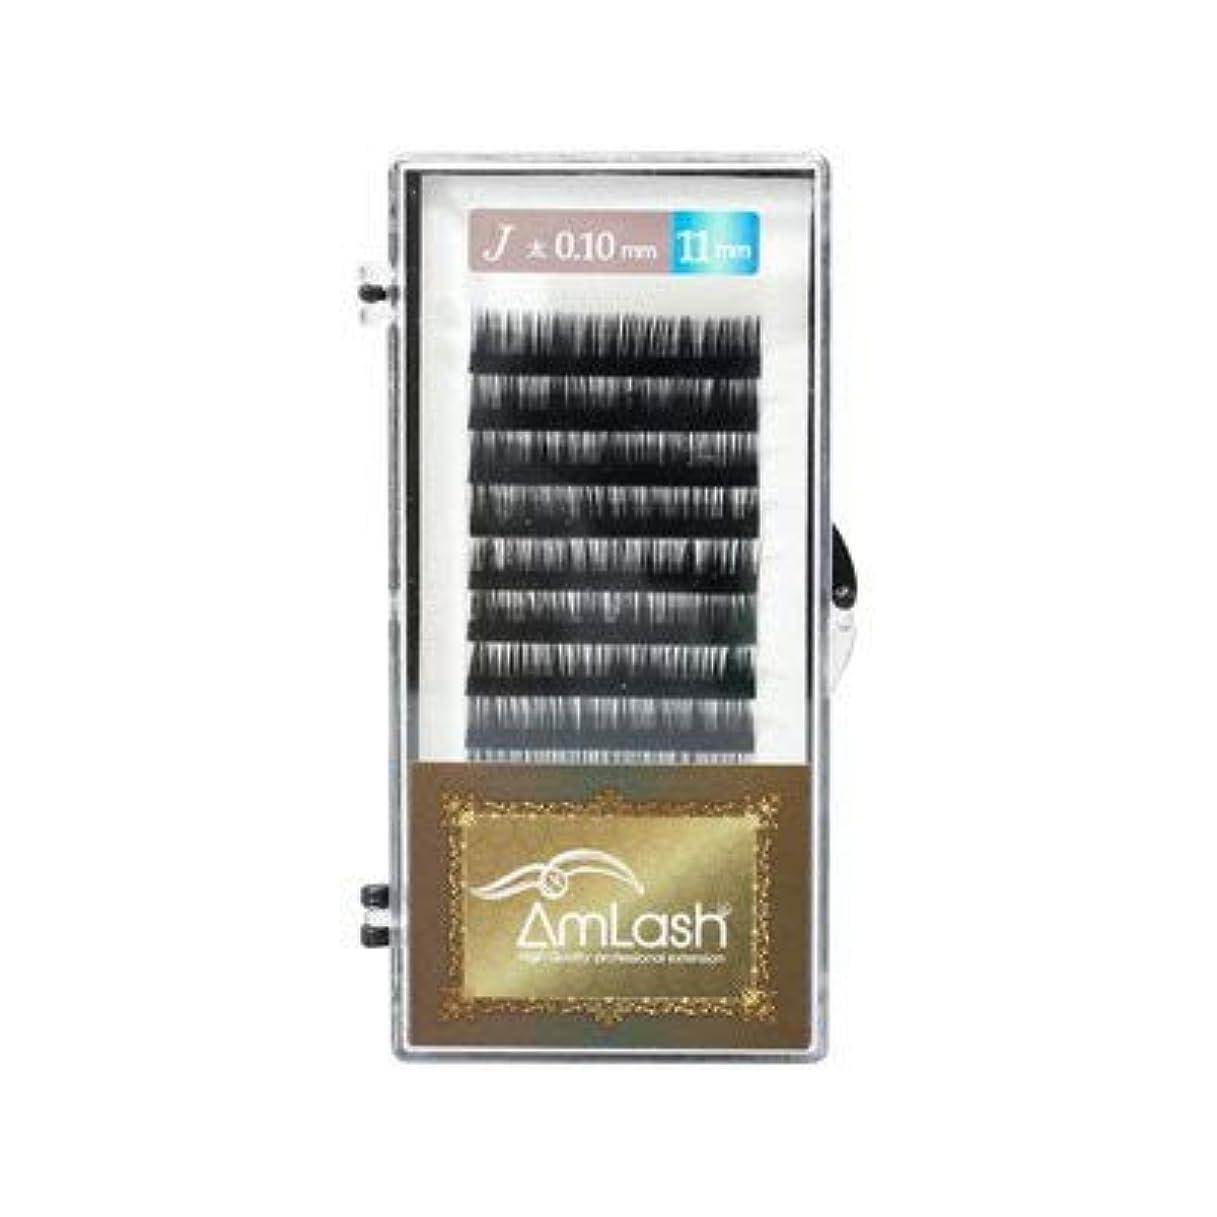 シード疫病噛むAmlash(アムラッシュ)ハイクオリティエクステ Jカール 0.10mm×11mm